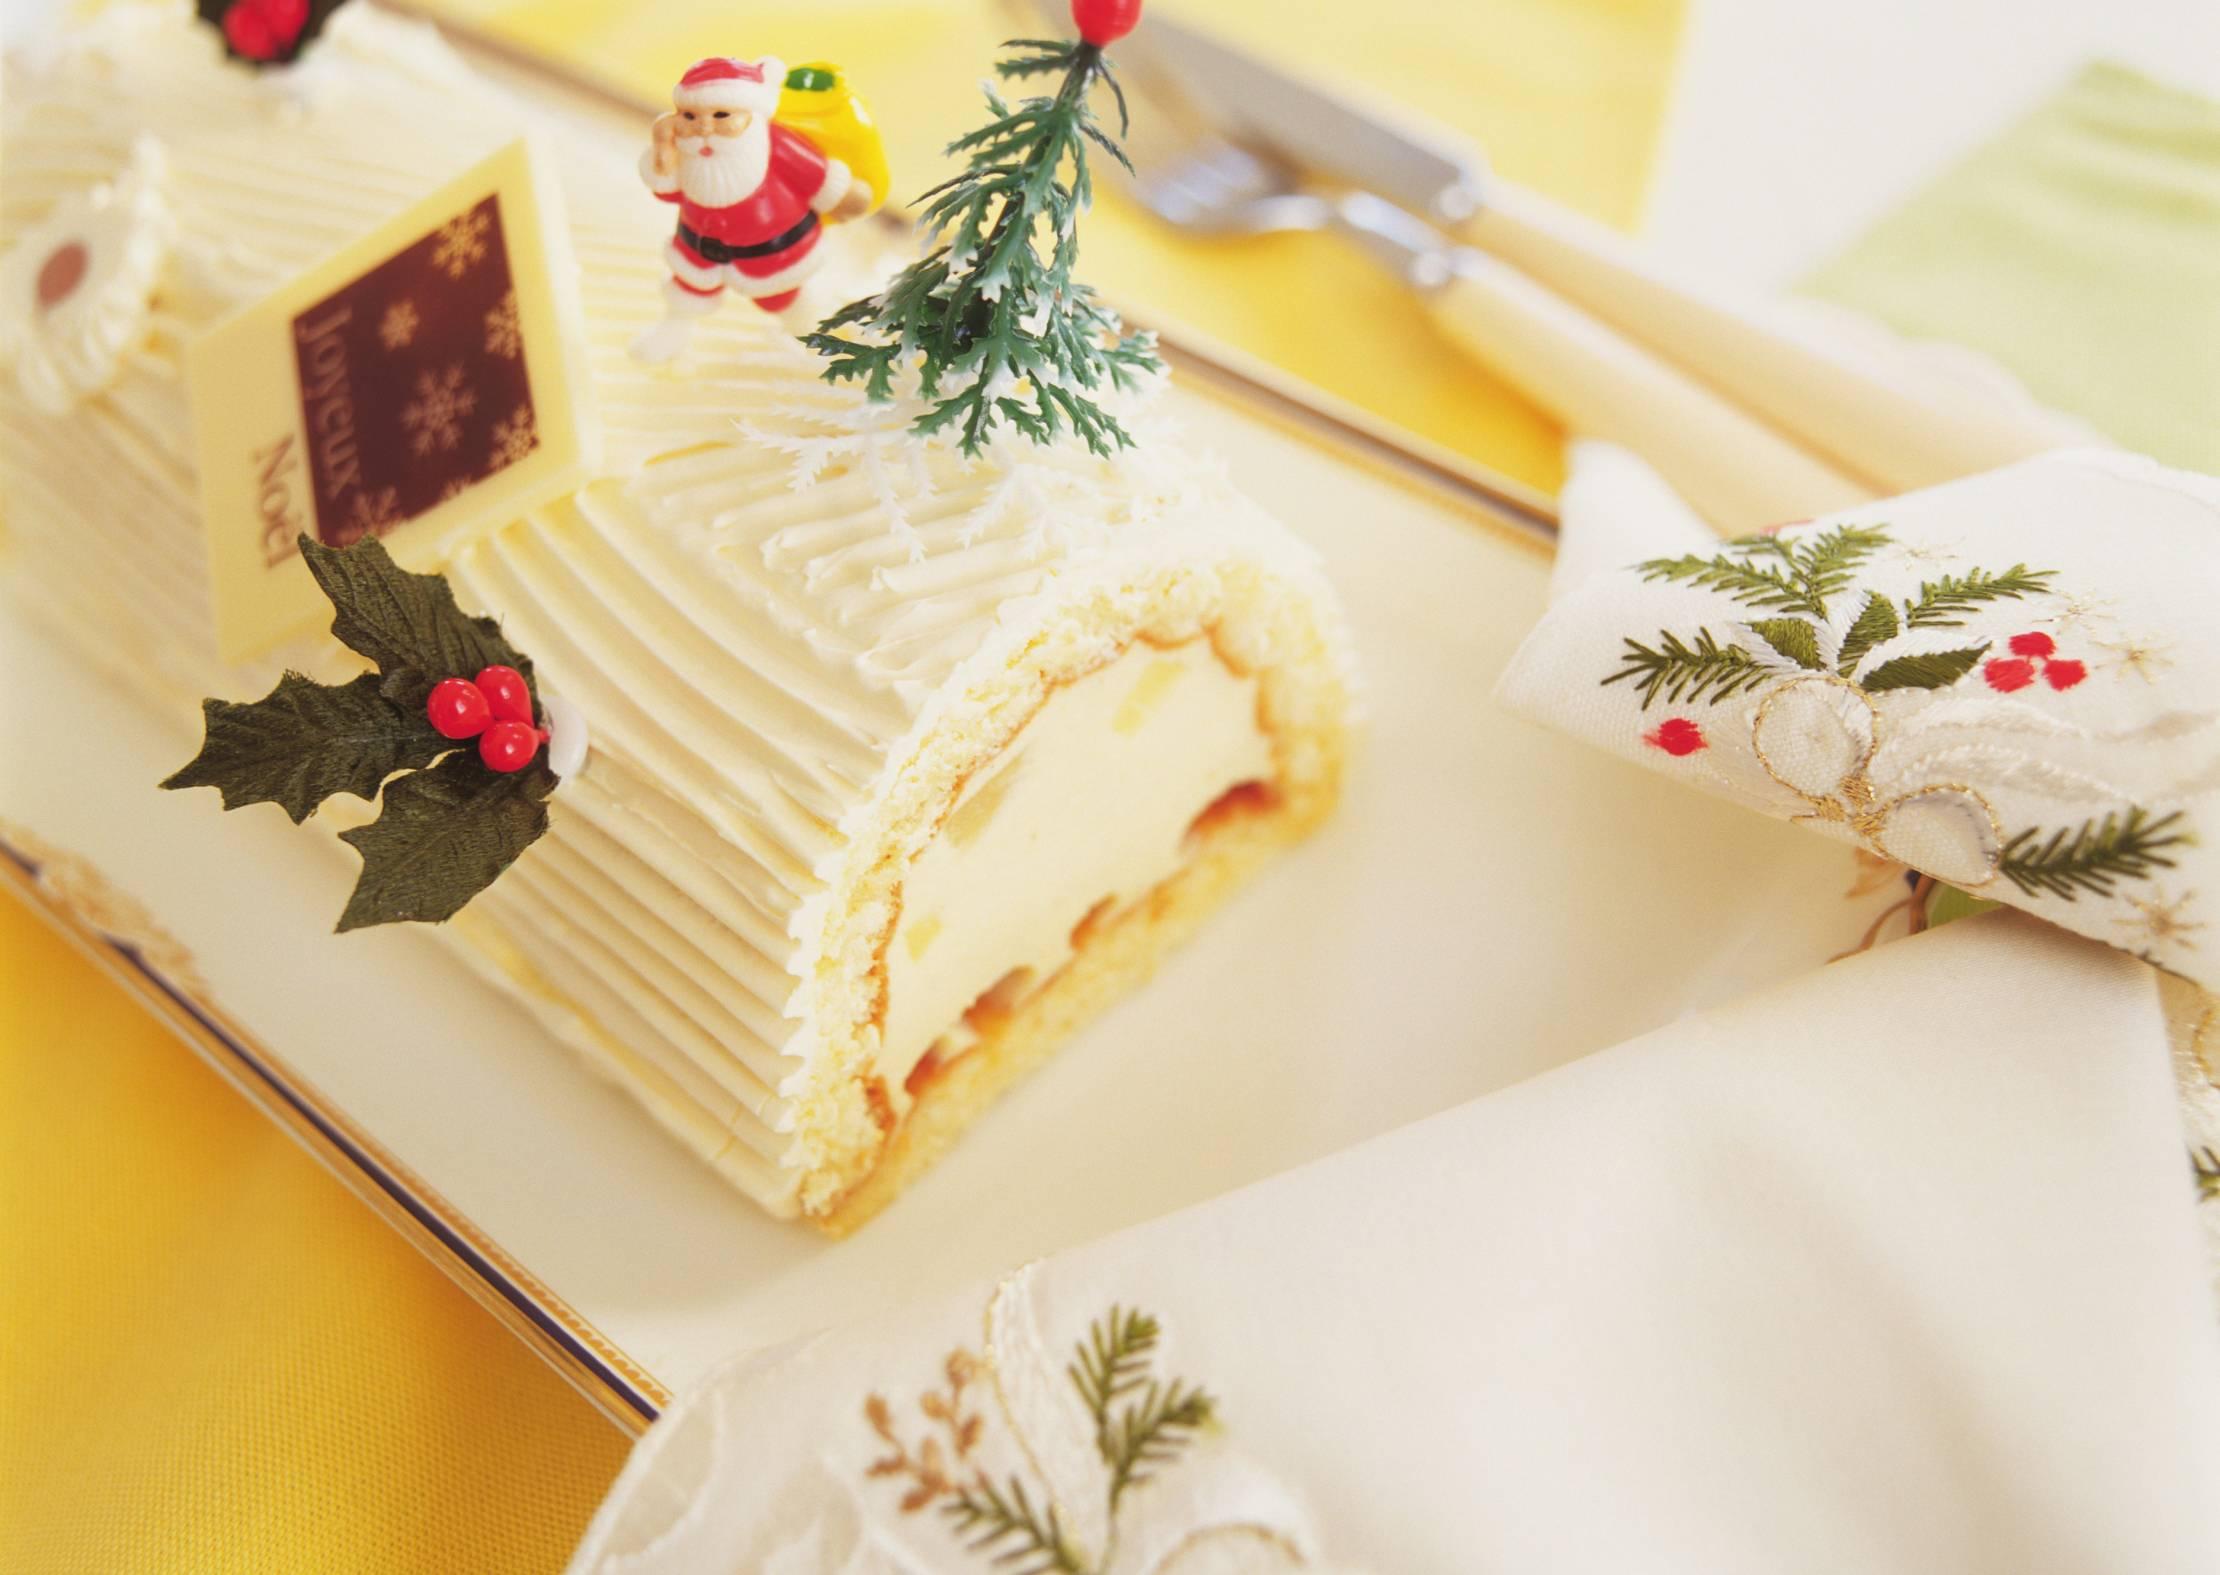 Ricetta Tronchetto Di Natale Al Cioccolato Bianco.Tronchetto Al Cioccolato Bianco E Lamponi